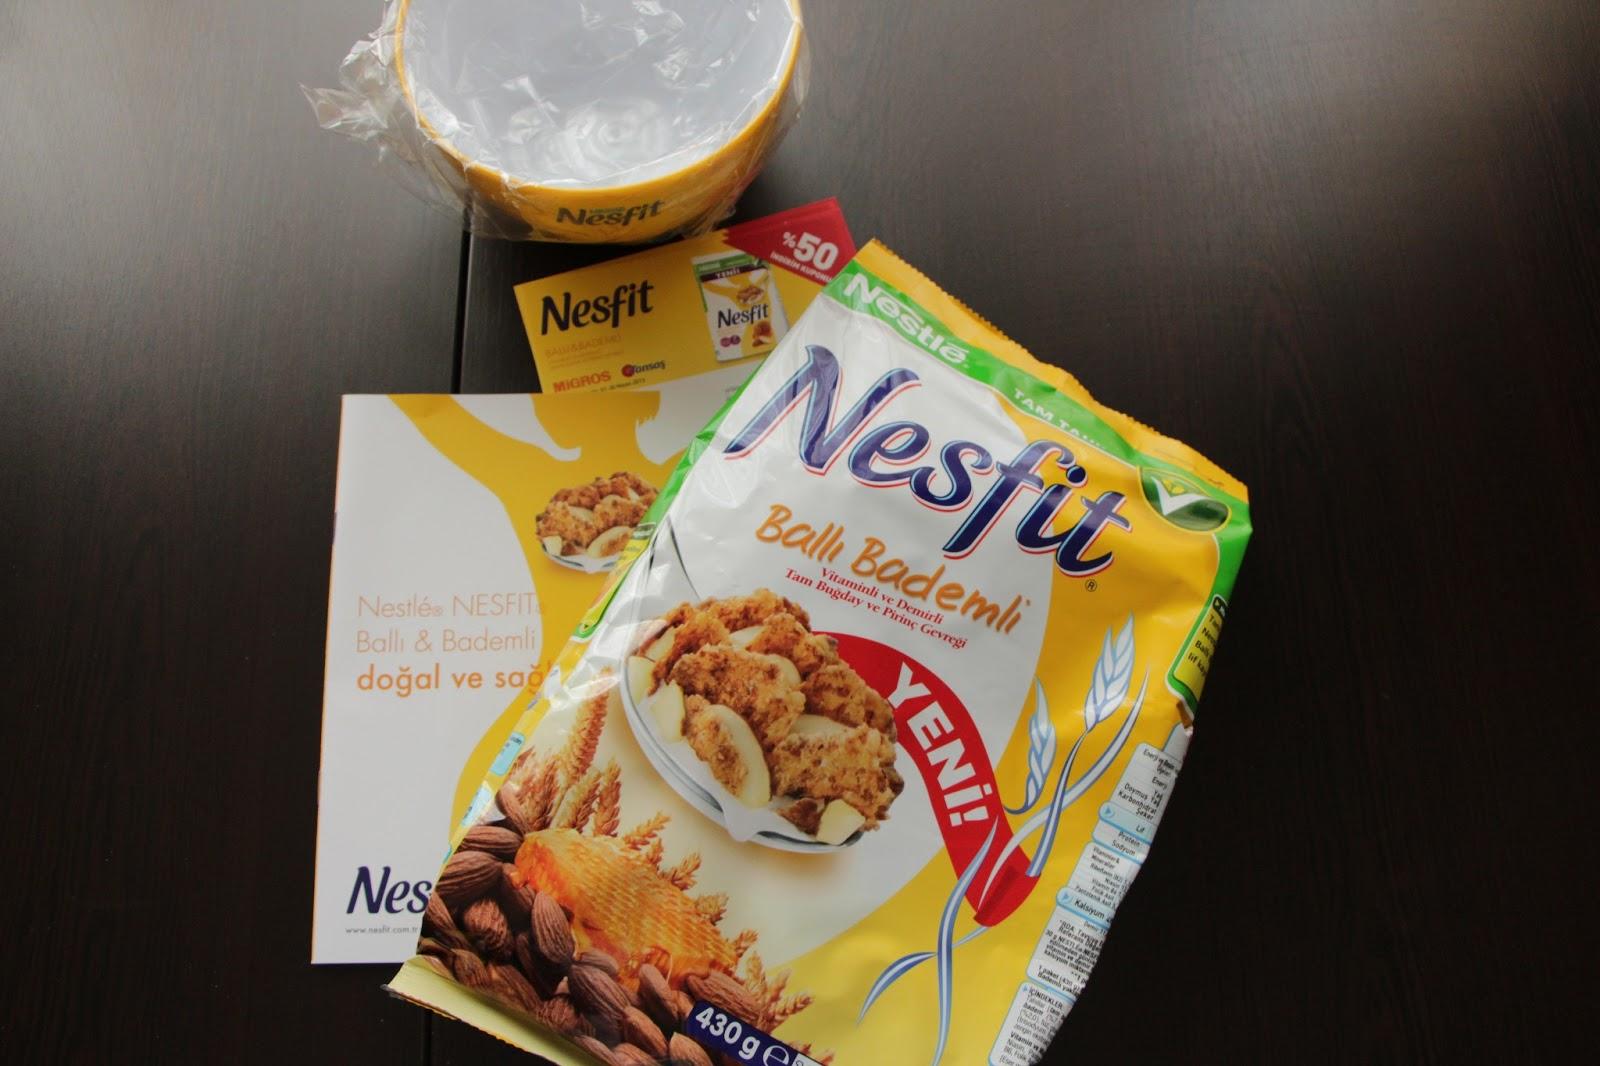 Nestle Nesfit Diyeti Nasıl Yapılır-Nesfit Diyetinin Yapılışı